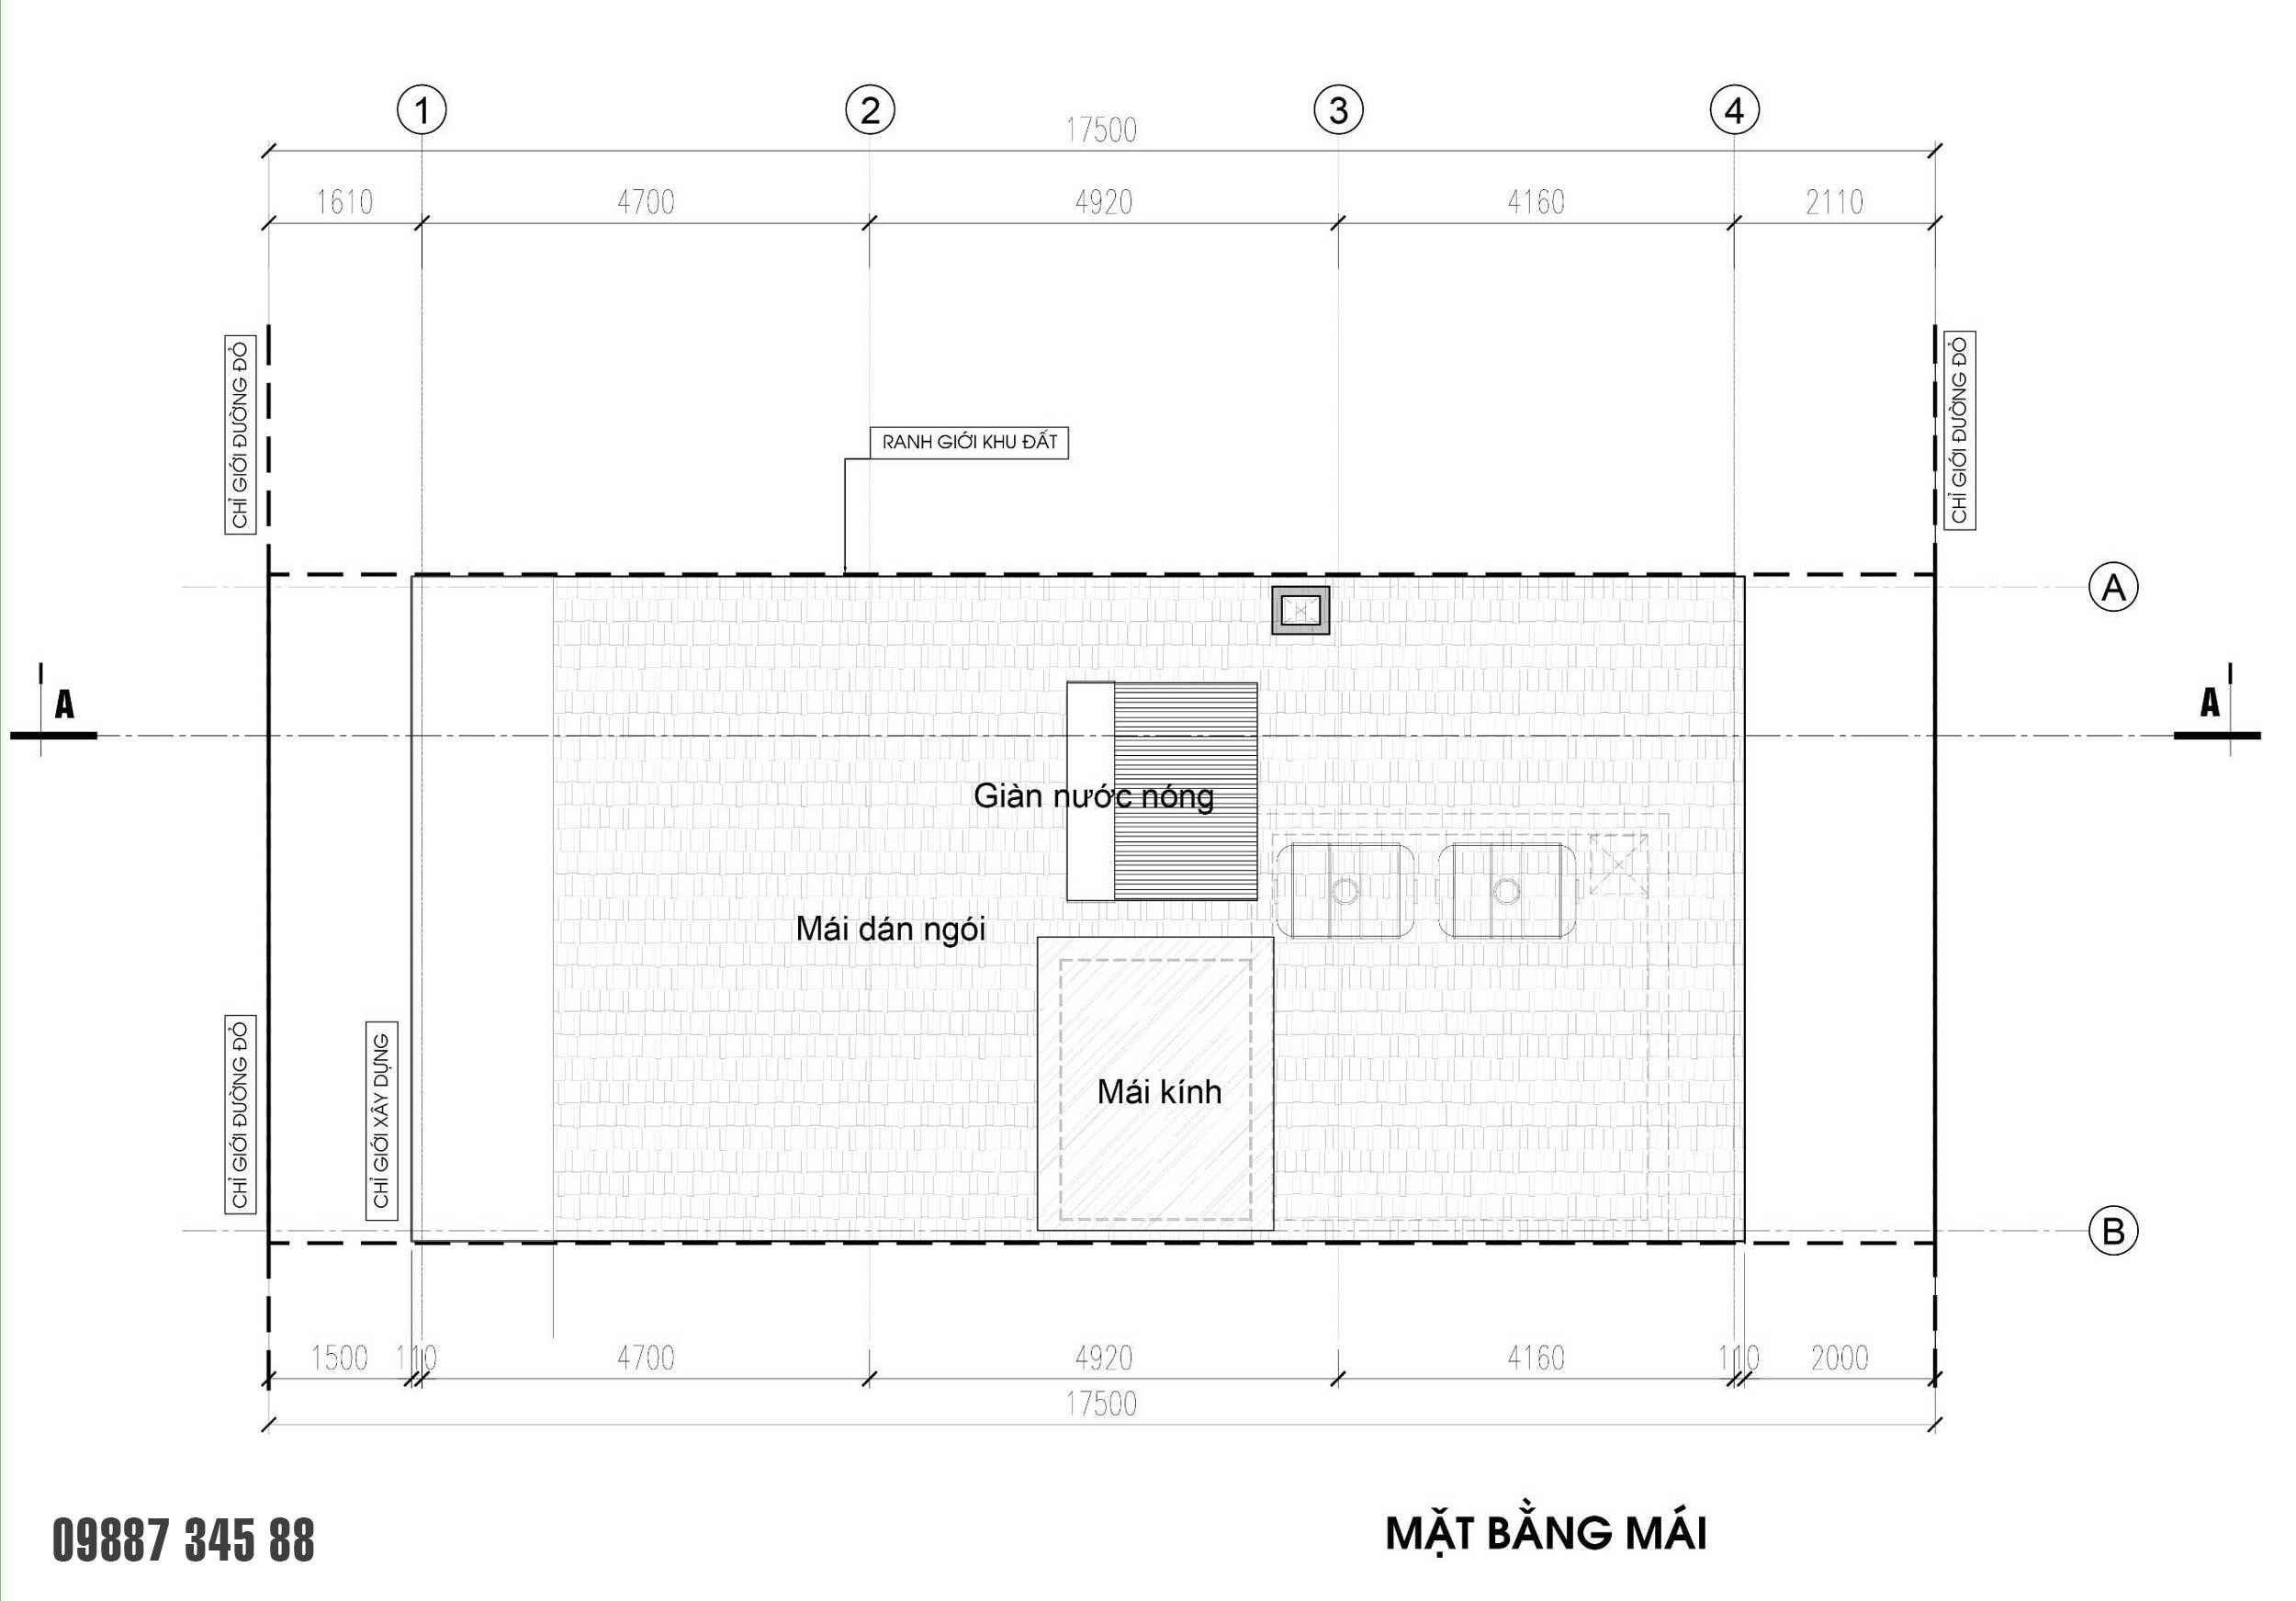 Mặt bằng mái - nhà phố Thủy Trúc(7x17,5m)